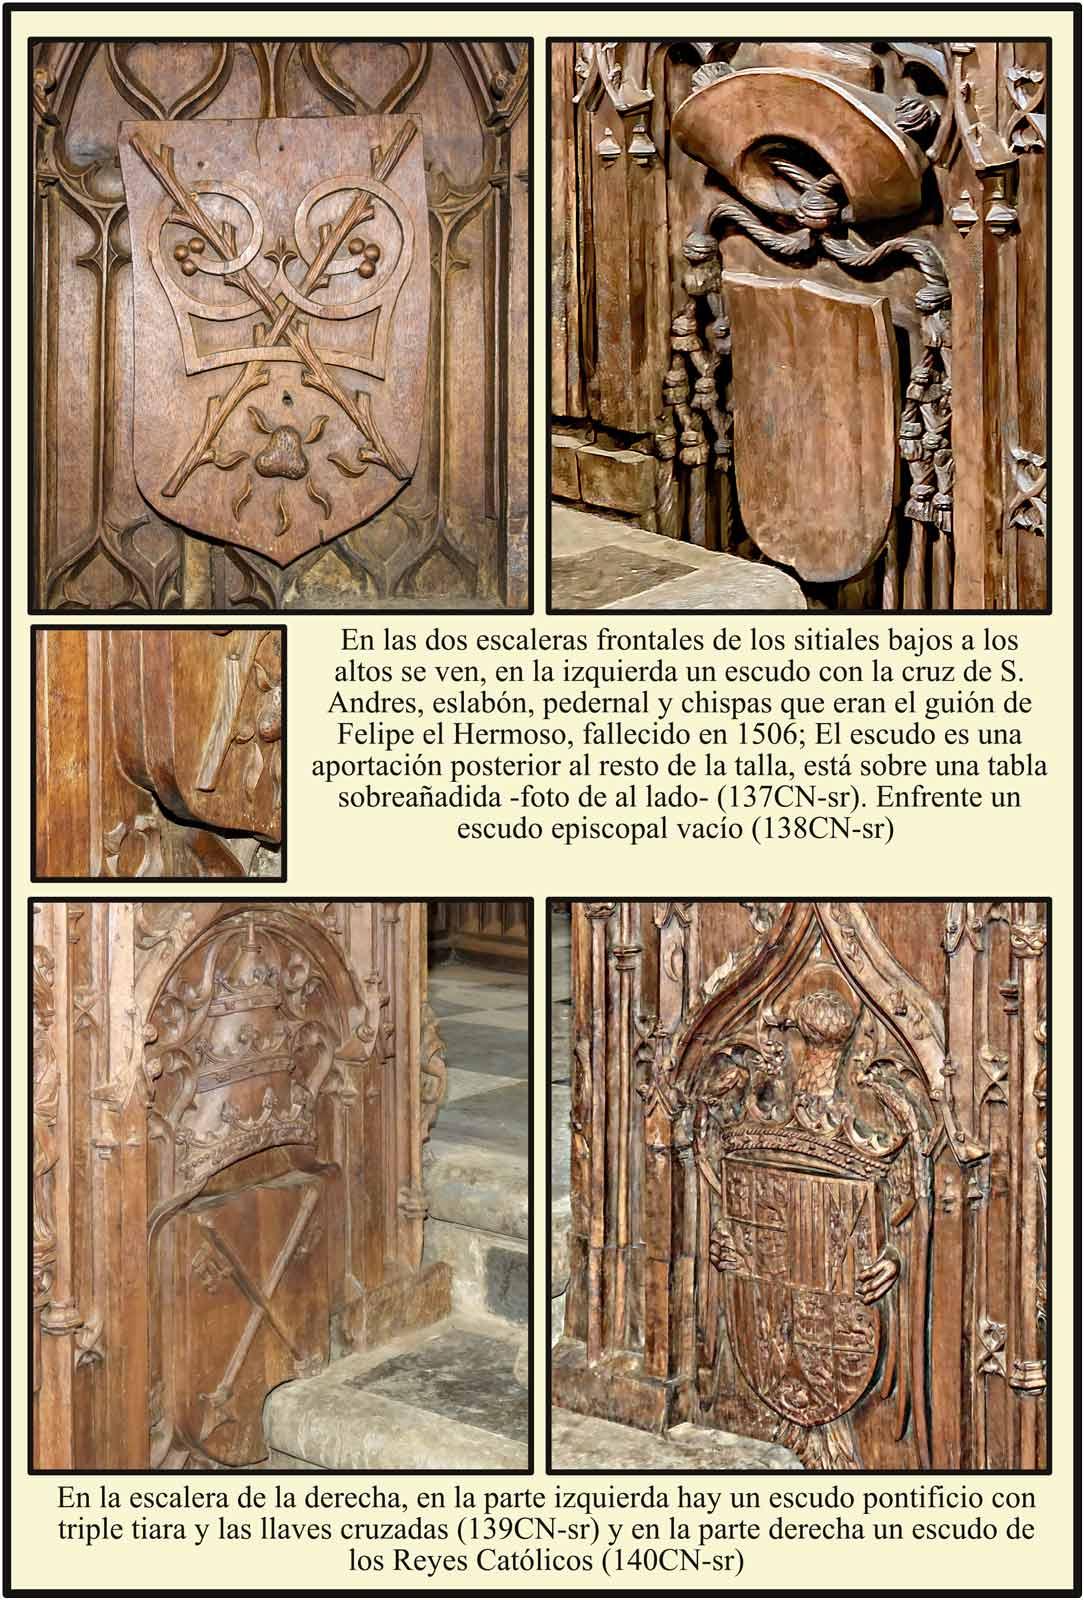 Plasencia Catedral Escudo reproduccion del guion de Felipe I El Hermoso. Escudos pontificio y de los Reyes Cartolicos en el coro de Rodrigo Aleman